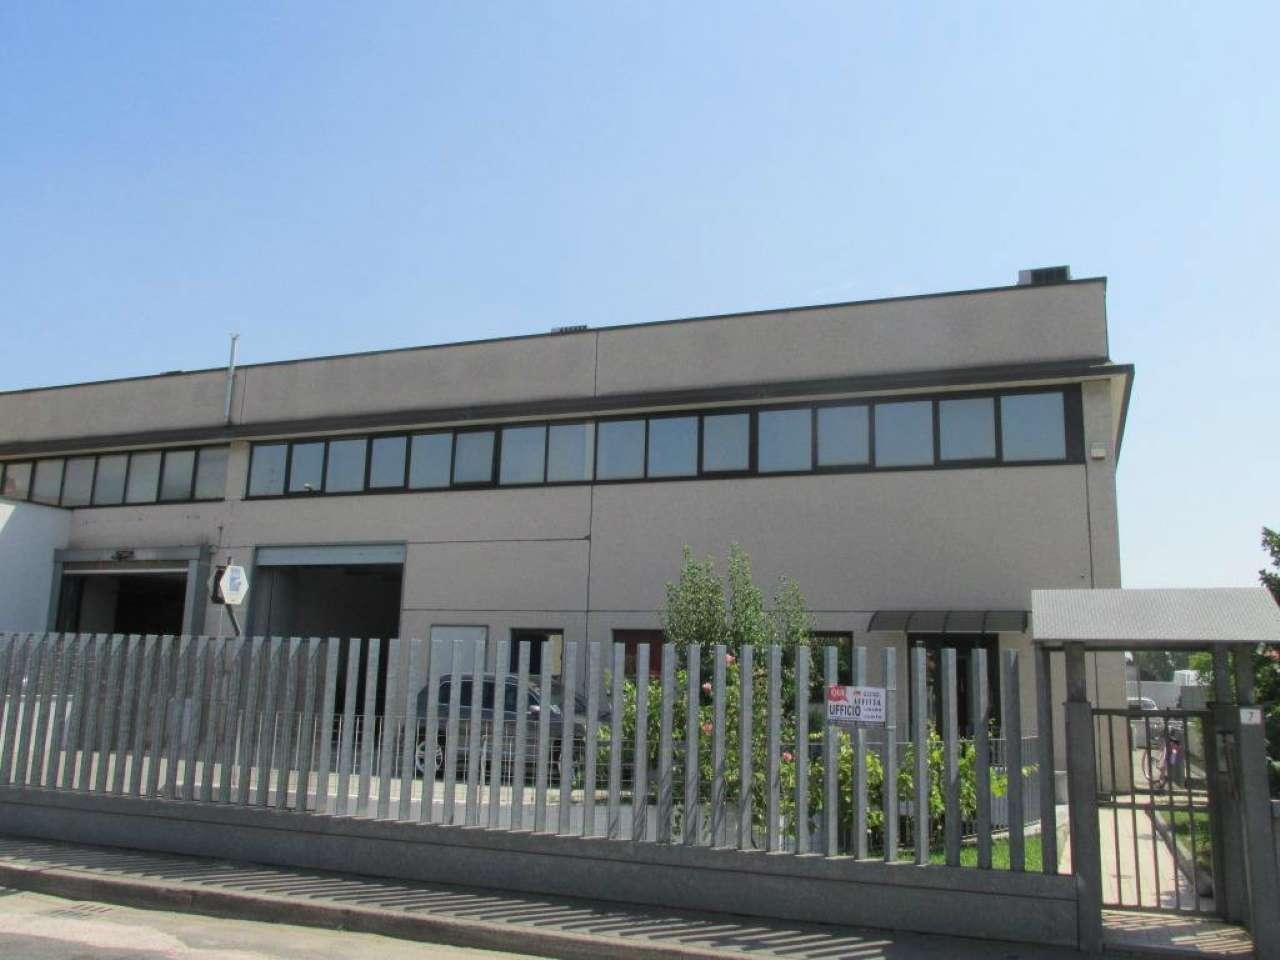 Ufficio-studio in Affitto a Segrate: 5 locali, 155 mq